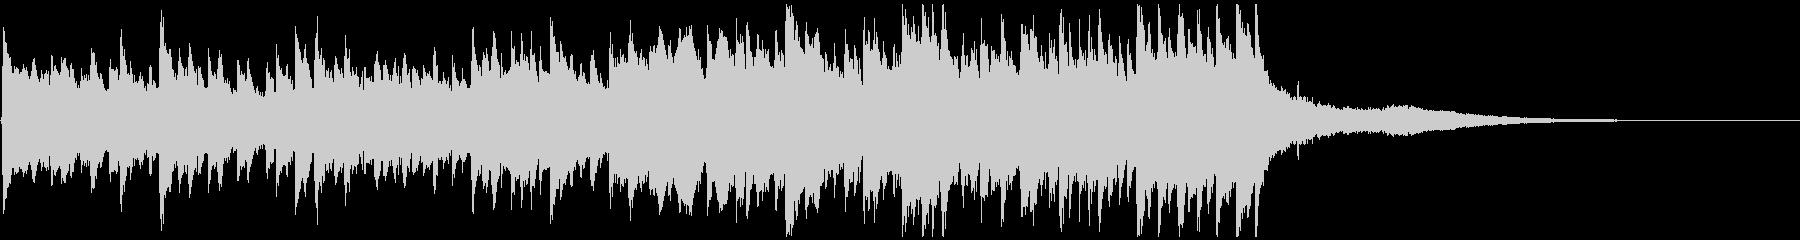 感動ピアノジングル 壮大なエンディングにの未再生の波形